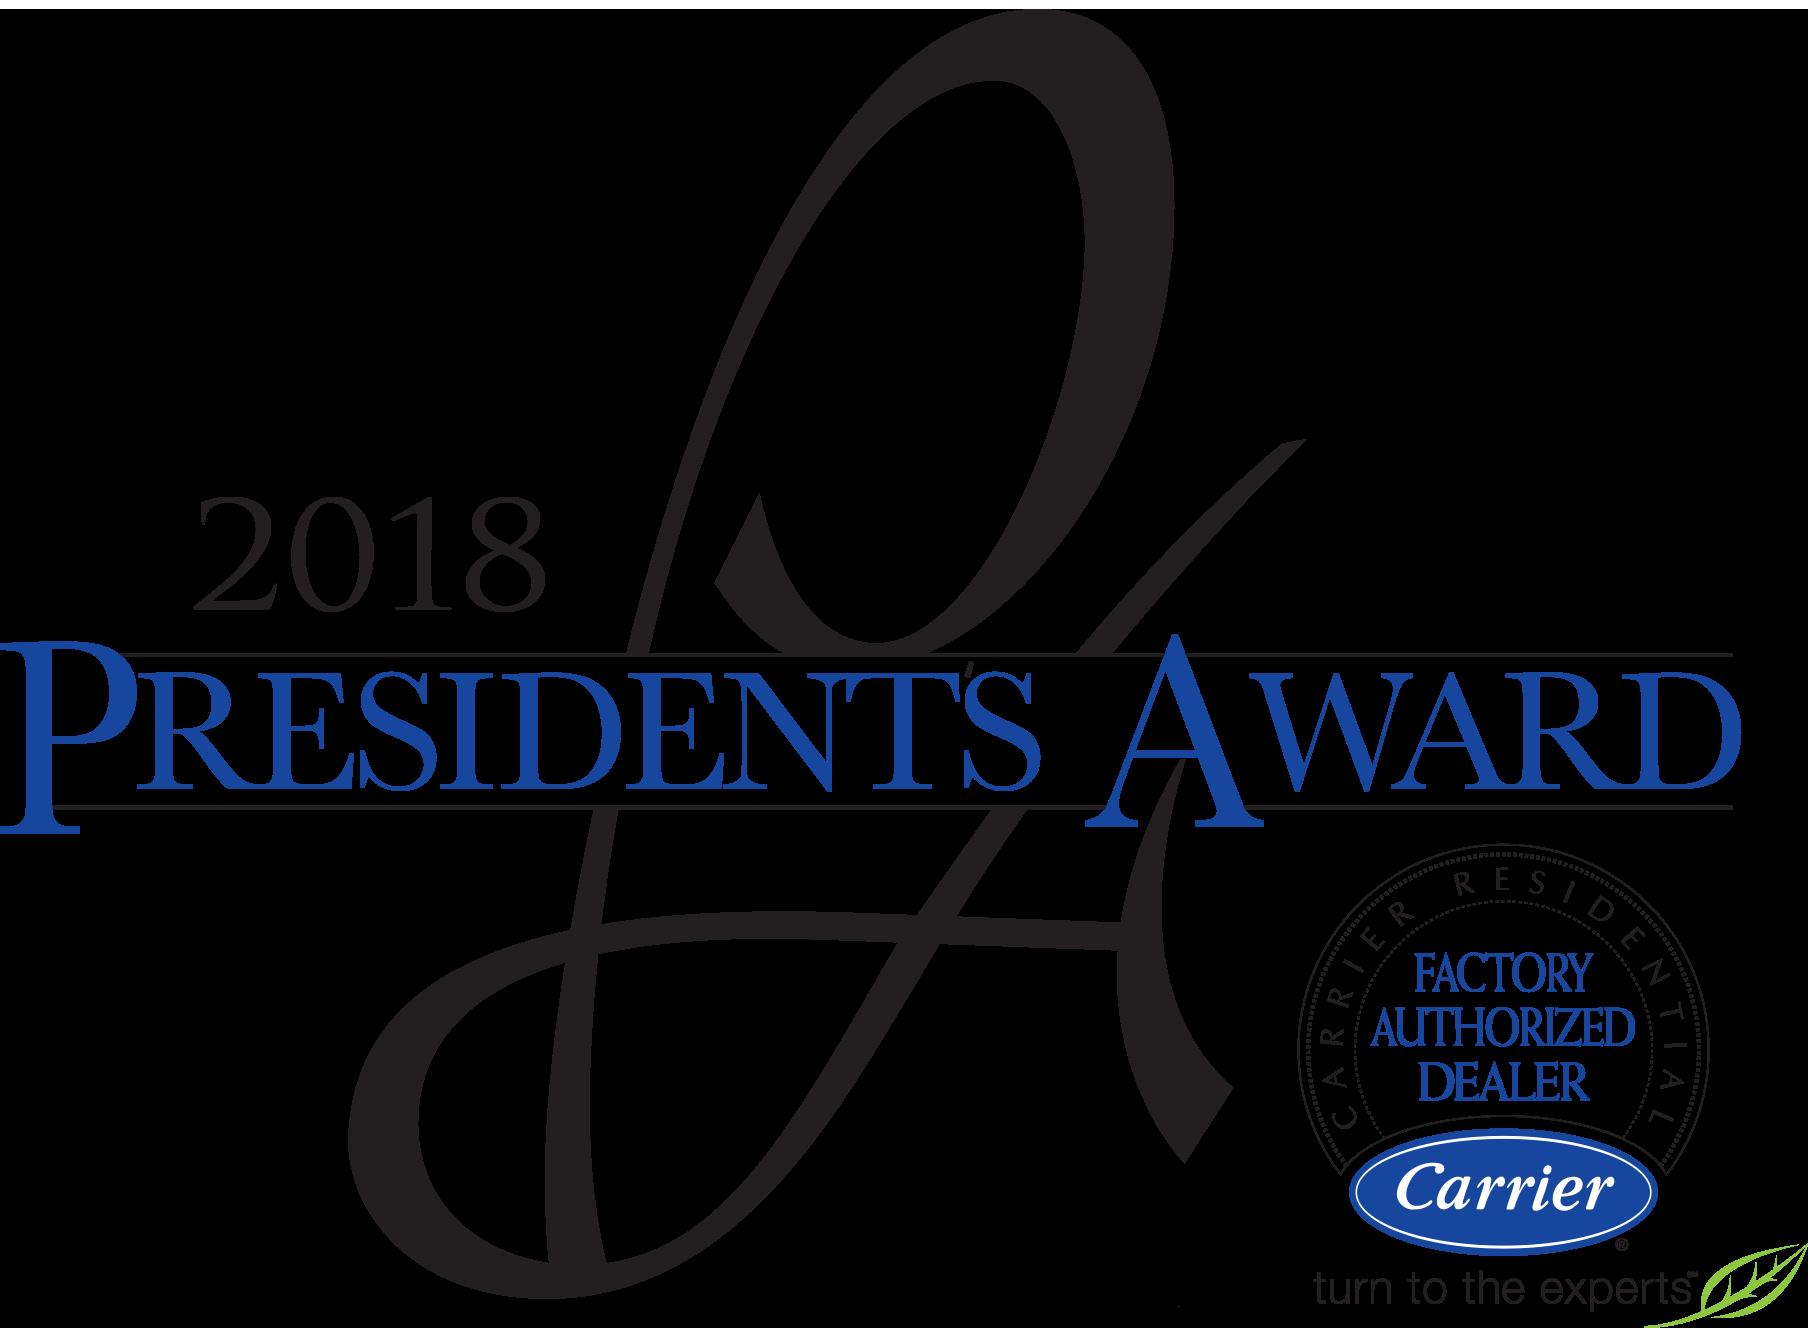 Carrier 2018 President's Award